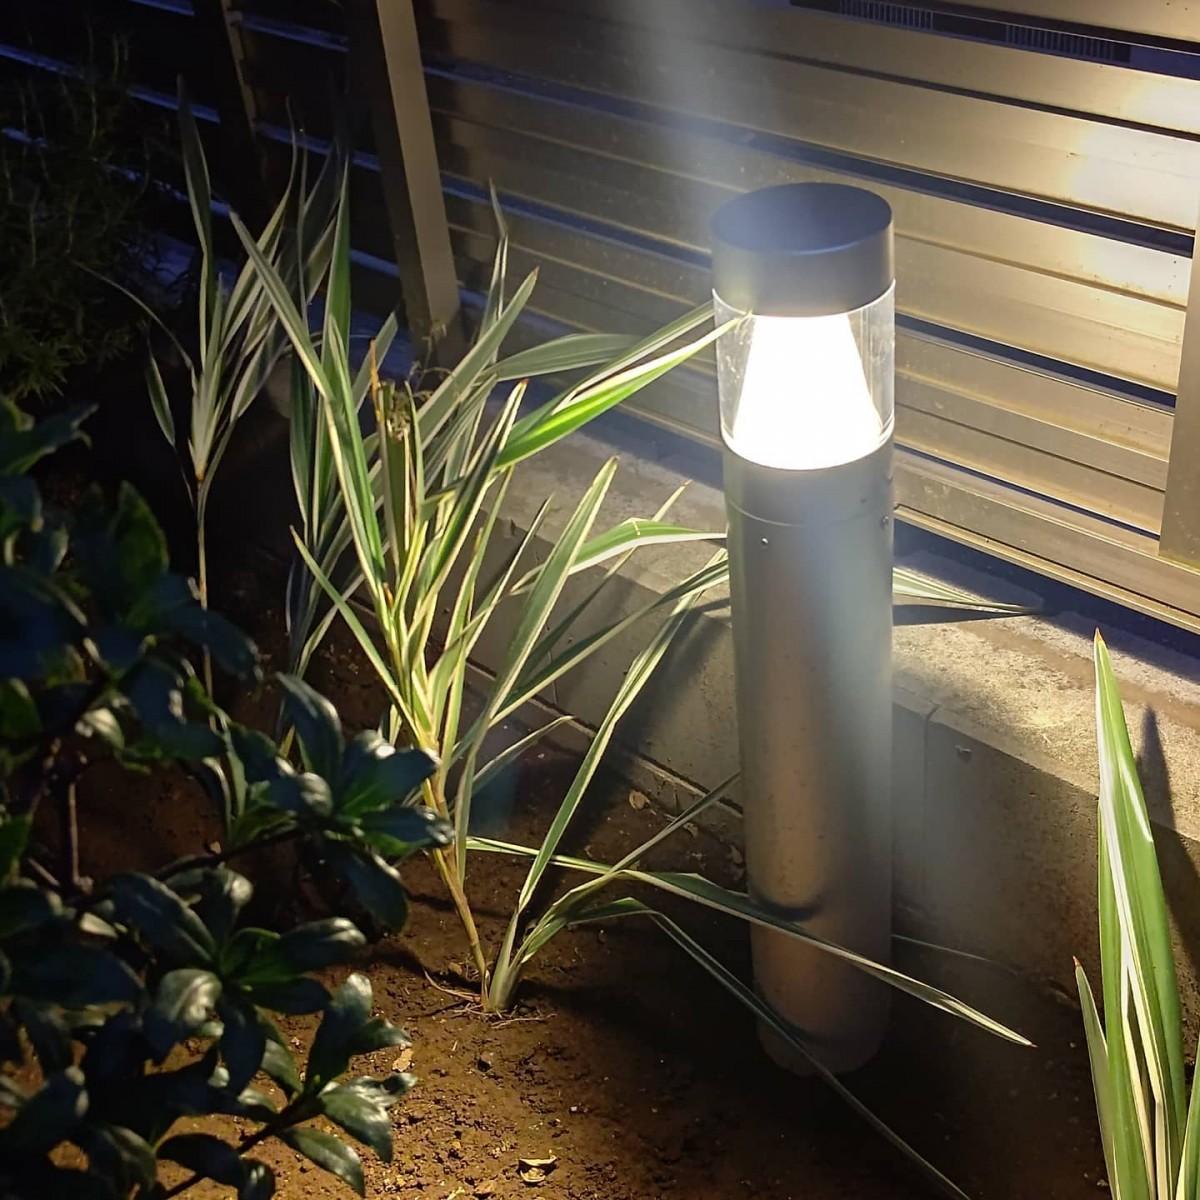 冠水した灯具の交換、無事完了しました。2ヶ月待ちと聞いていた灯具も2週間ほどで入ってよかった。黄昏時の施工、圧着中に活線になるとわかってても驚くね。#ガーデンライト #庭園灯 #ポールライト #コイズミ #外構 #LED #かっこいい #照明器具 #漏電 #冠水 #電気工事 #リフォーム工事 #防犯設備 #オザワデンキ #有限会社小沢電機商会 #品川区大崎